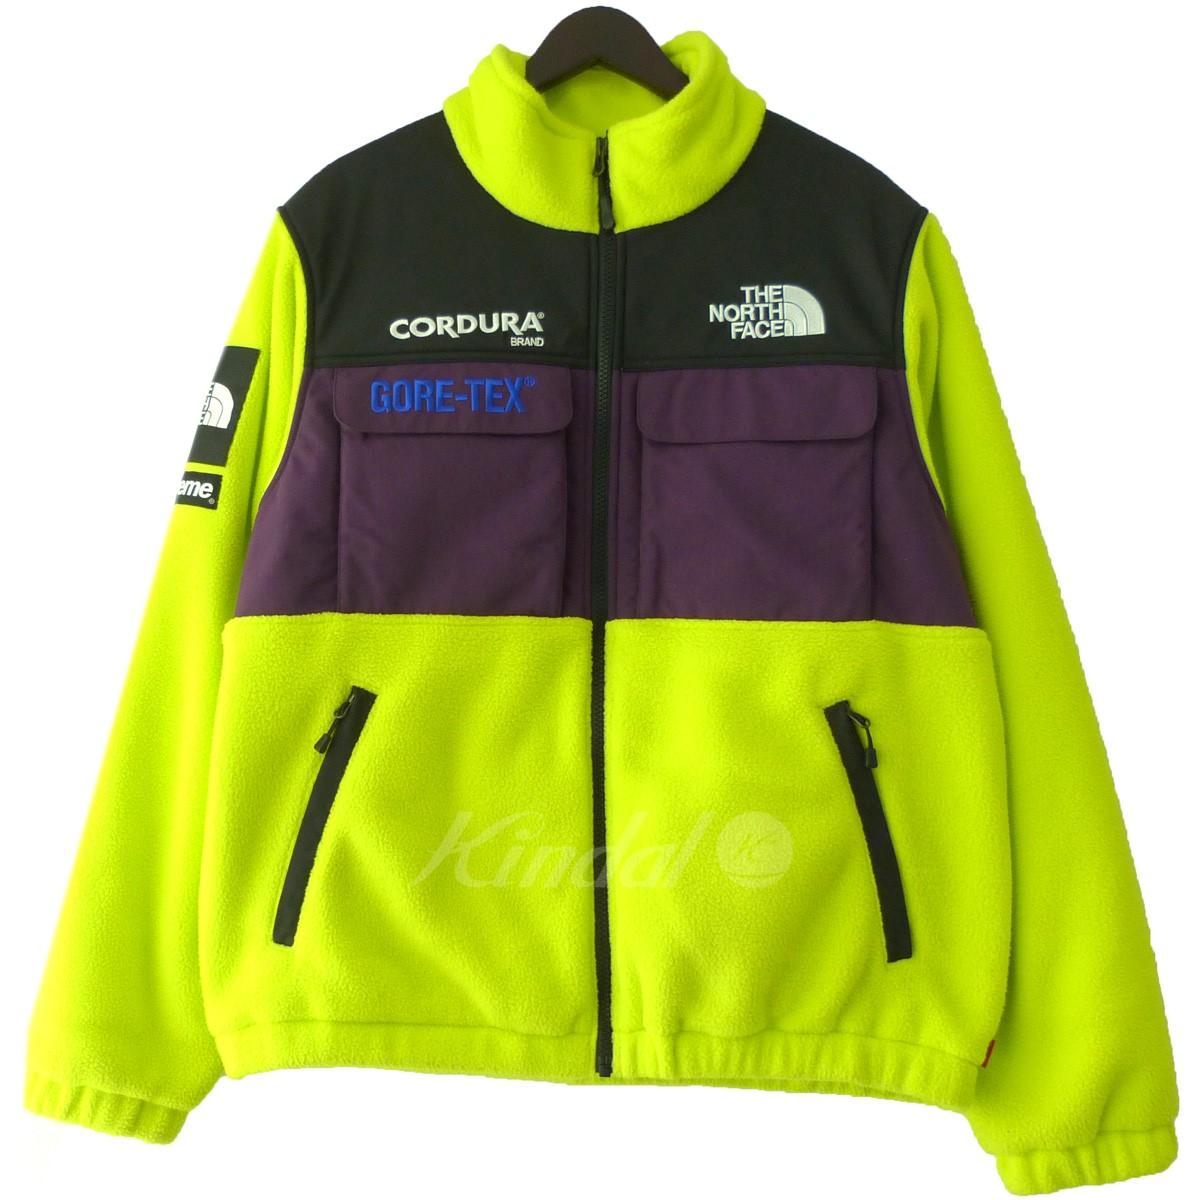 【中古】Supreme×THE NORTH FACE 18AW 「Expedition Fleece Jacket」エクスペディションフリースジャケット サルファースプリング サイズ:M 【送料無料】 【130319】(シュプリーム ザノースフェイス)